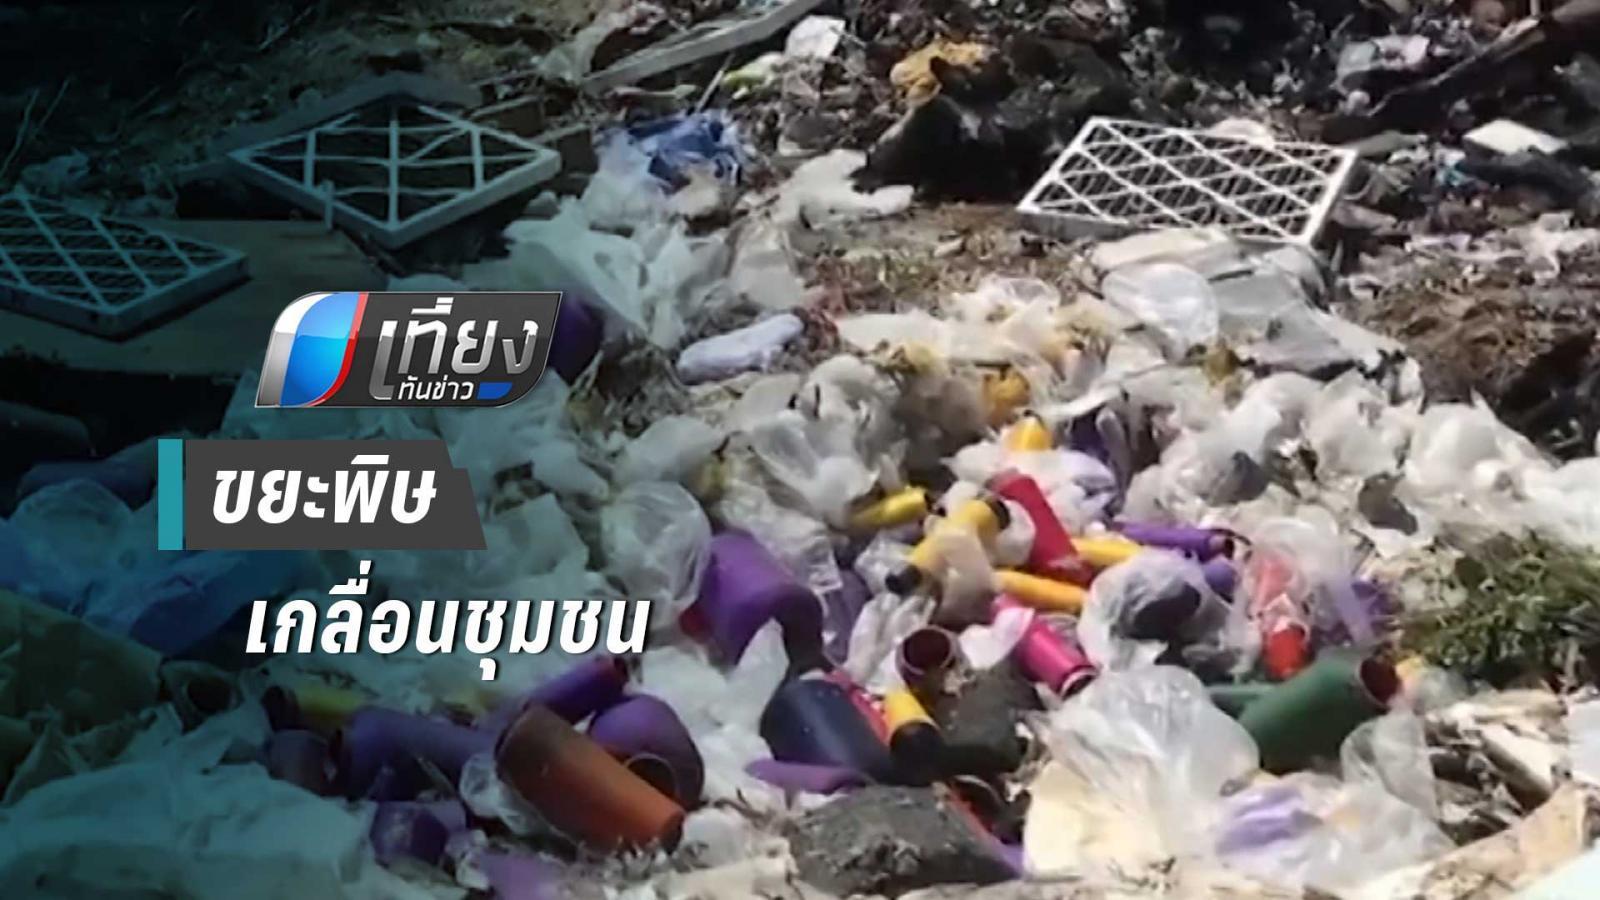 ชลบุรี โวยขยะพิษเกลื่อนชุมชน